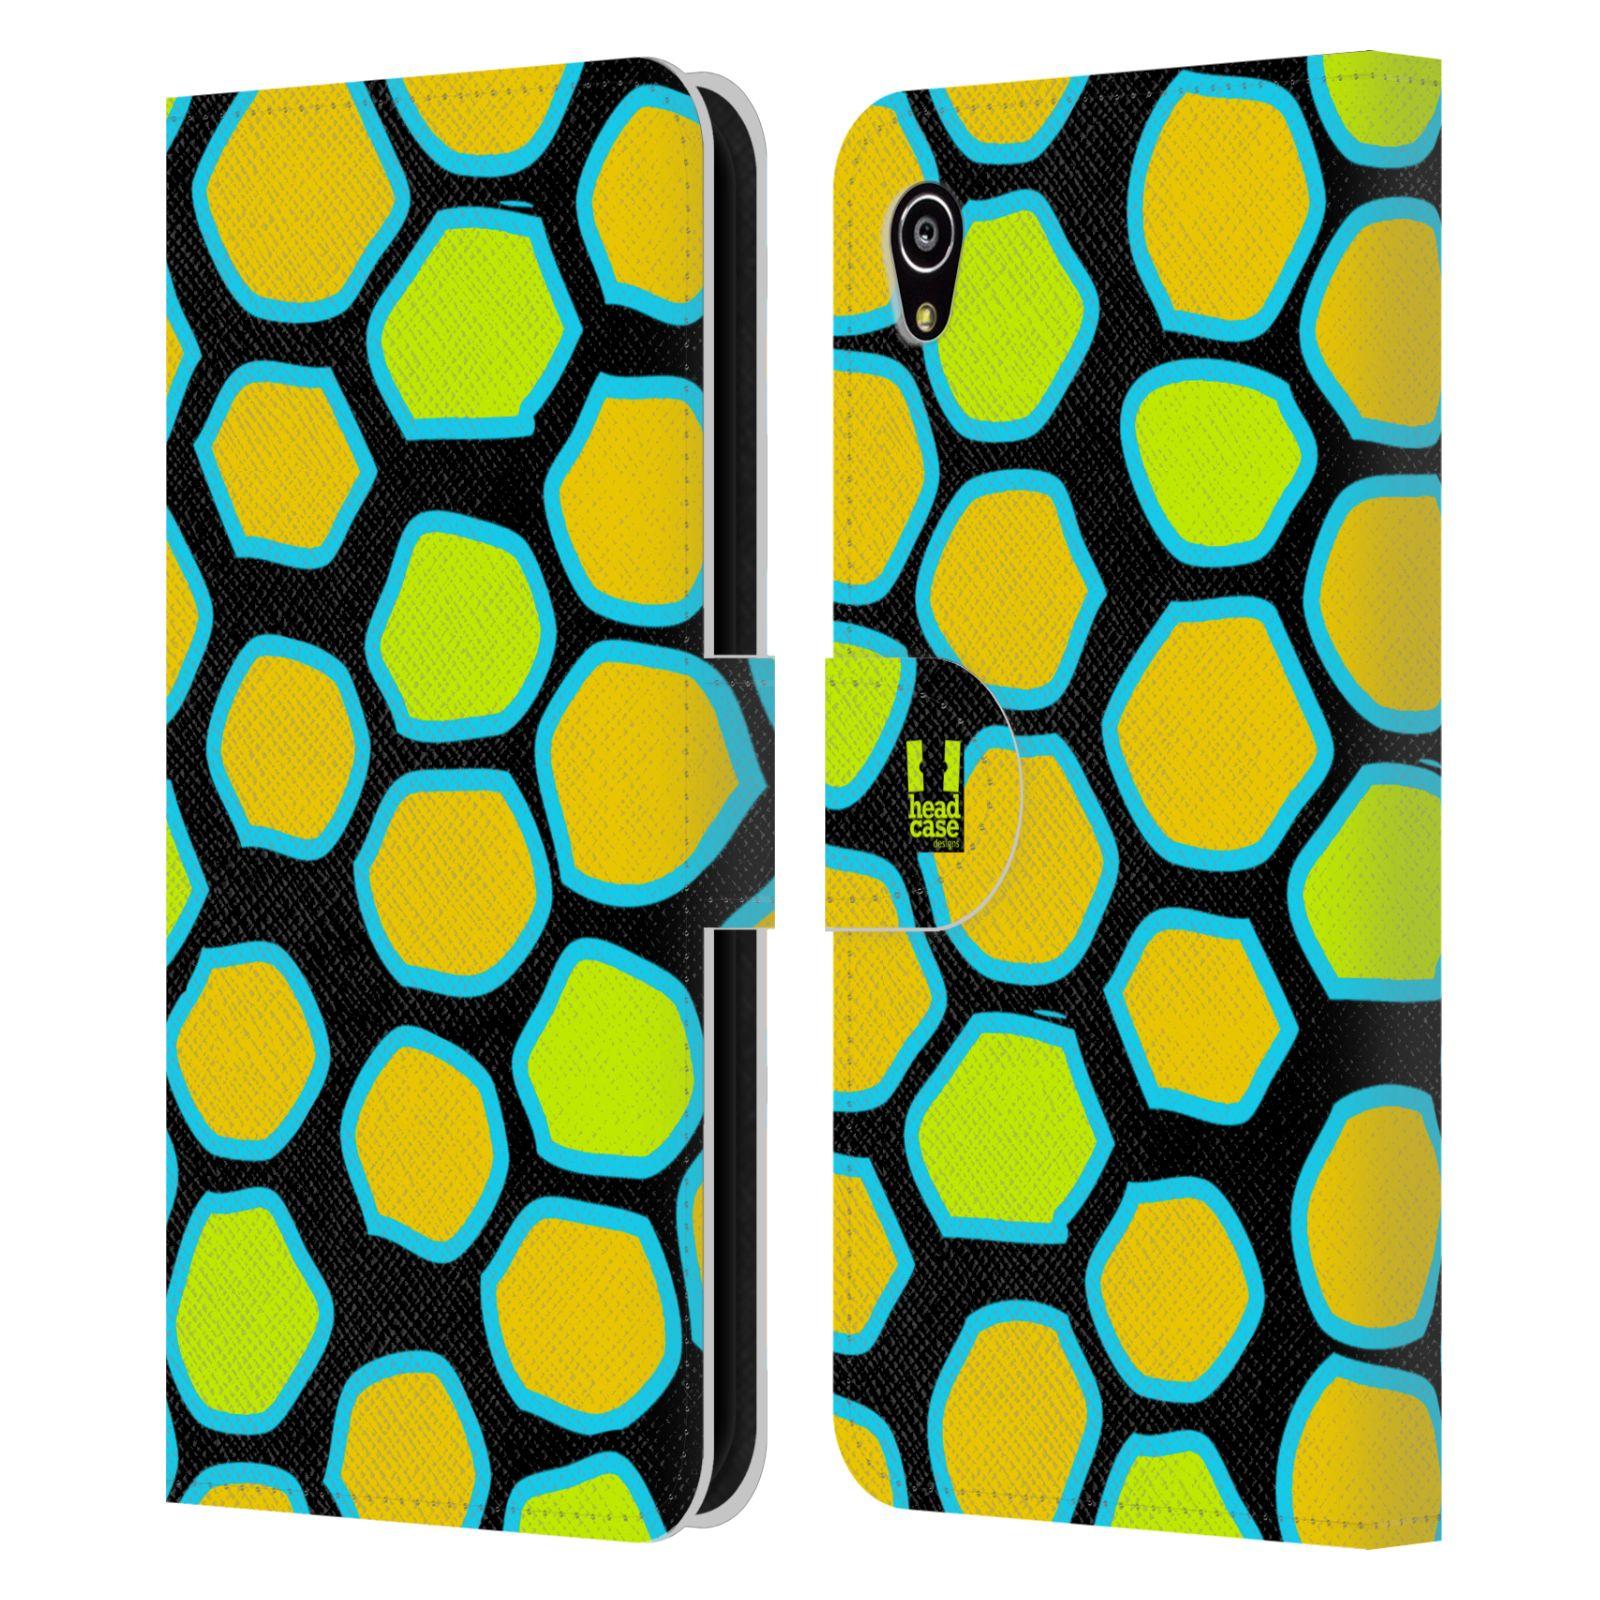 HEAD CASE Flipové pouzdro pro mobil SONY XPERIA M4 AQUA Zvířecí barevné vzory žlutý had